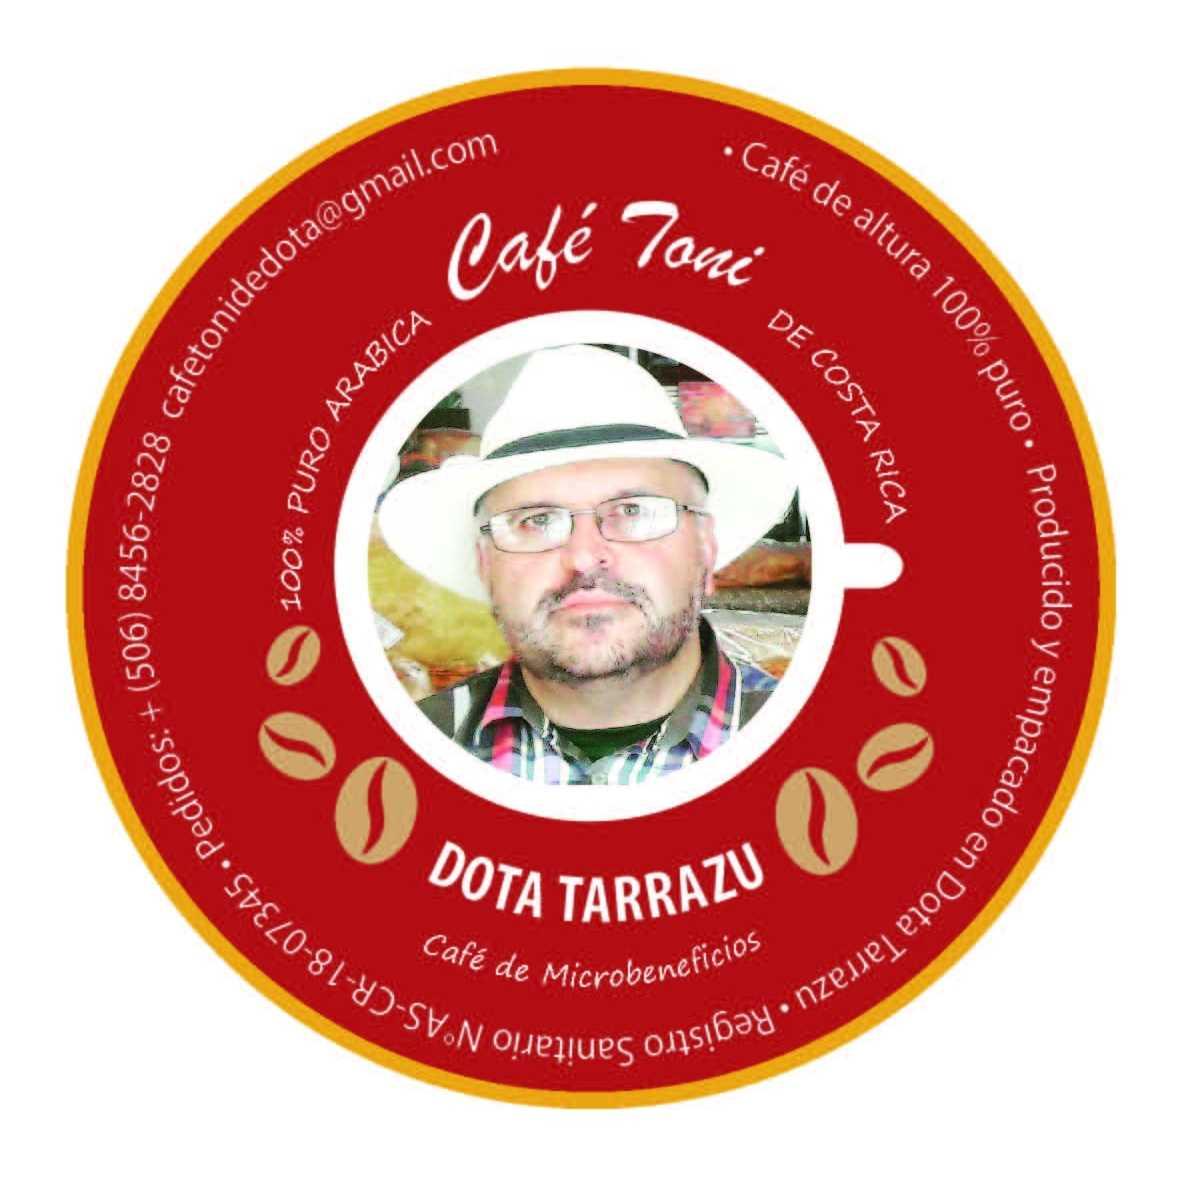 Cafe Toni DOTA TARRAZU